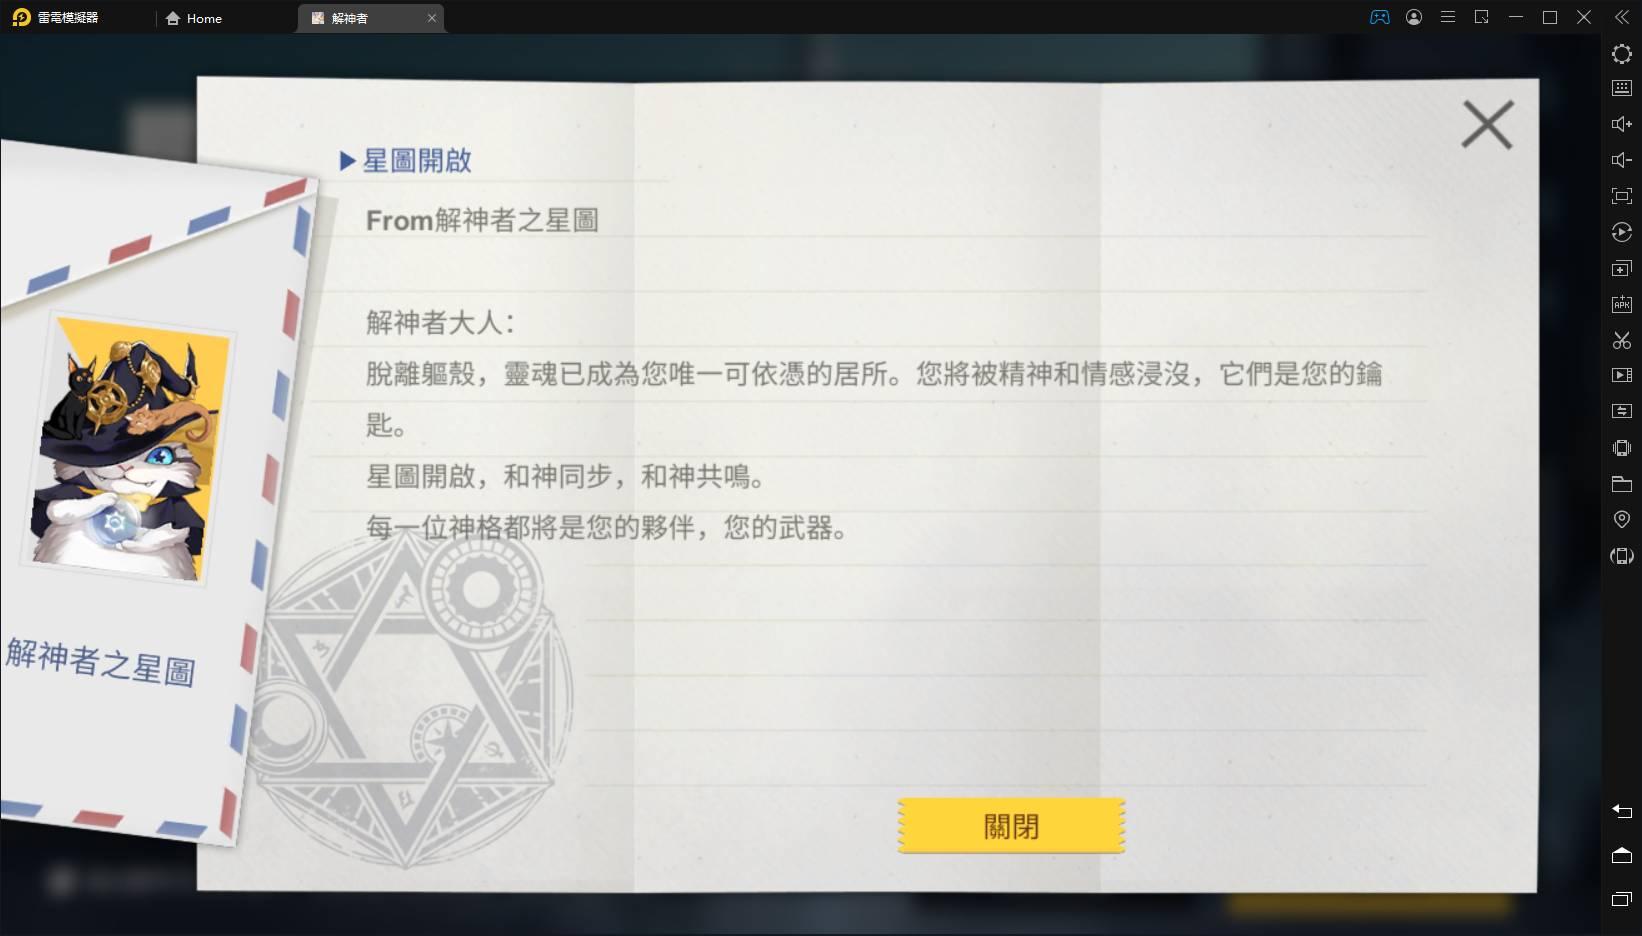 【攻略】《解神者》玩家等級達成解鎖新功能介紹